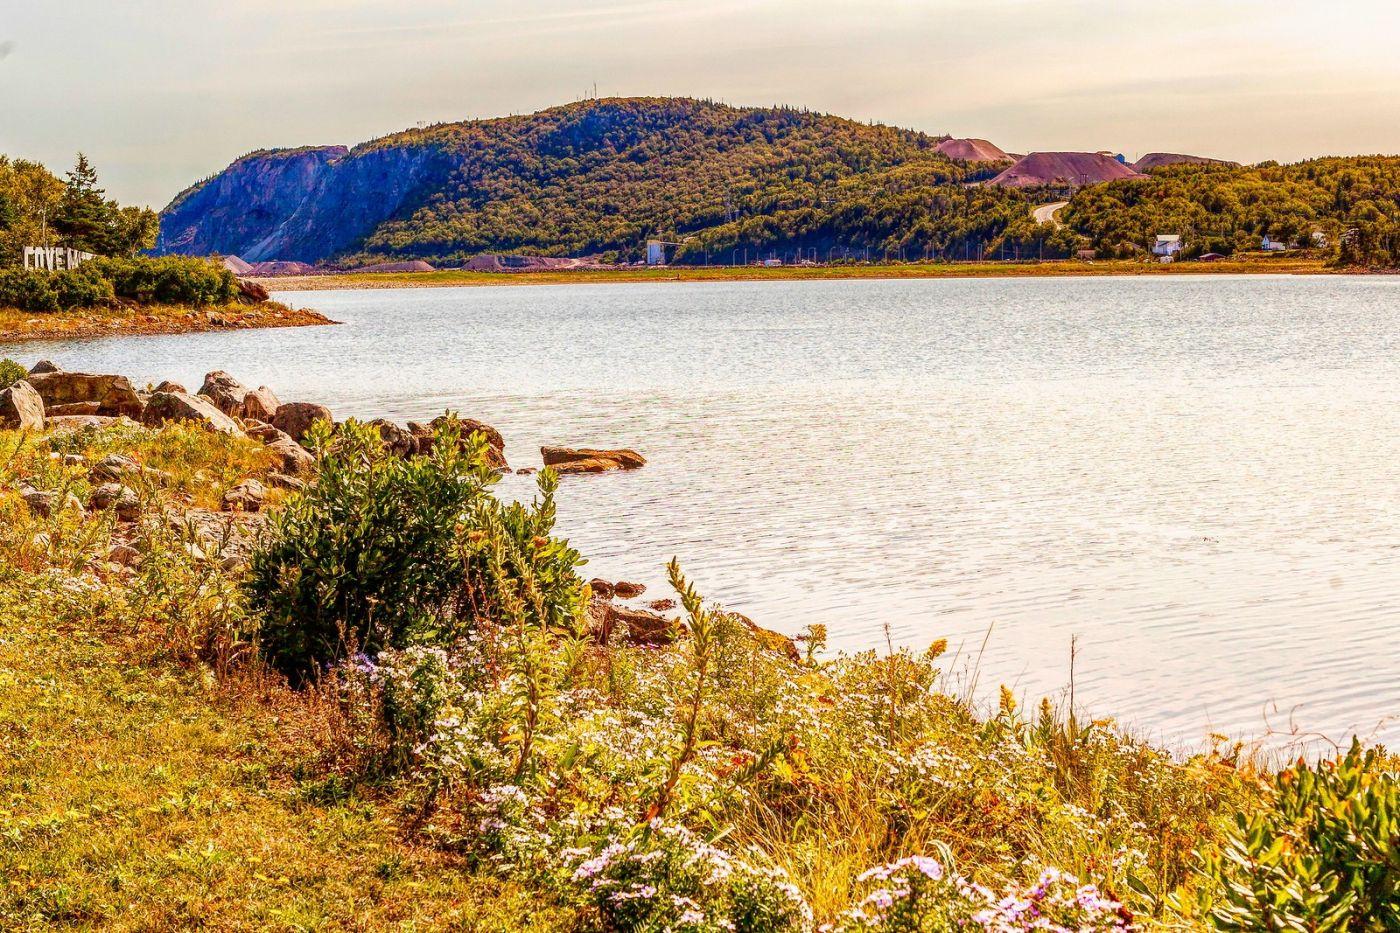 加拿大路途,水边抓拍_图1-2